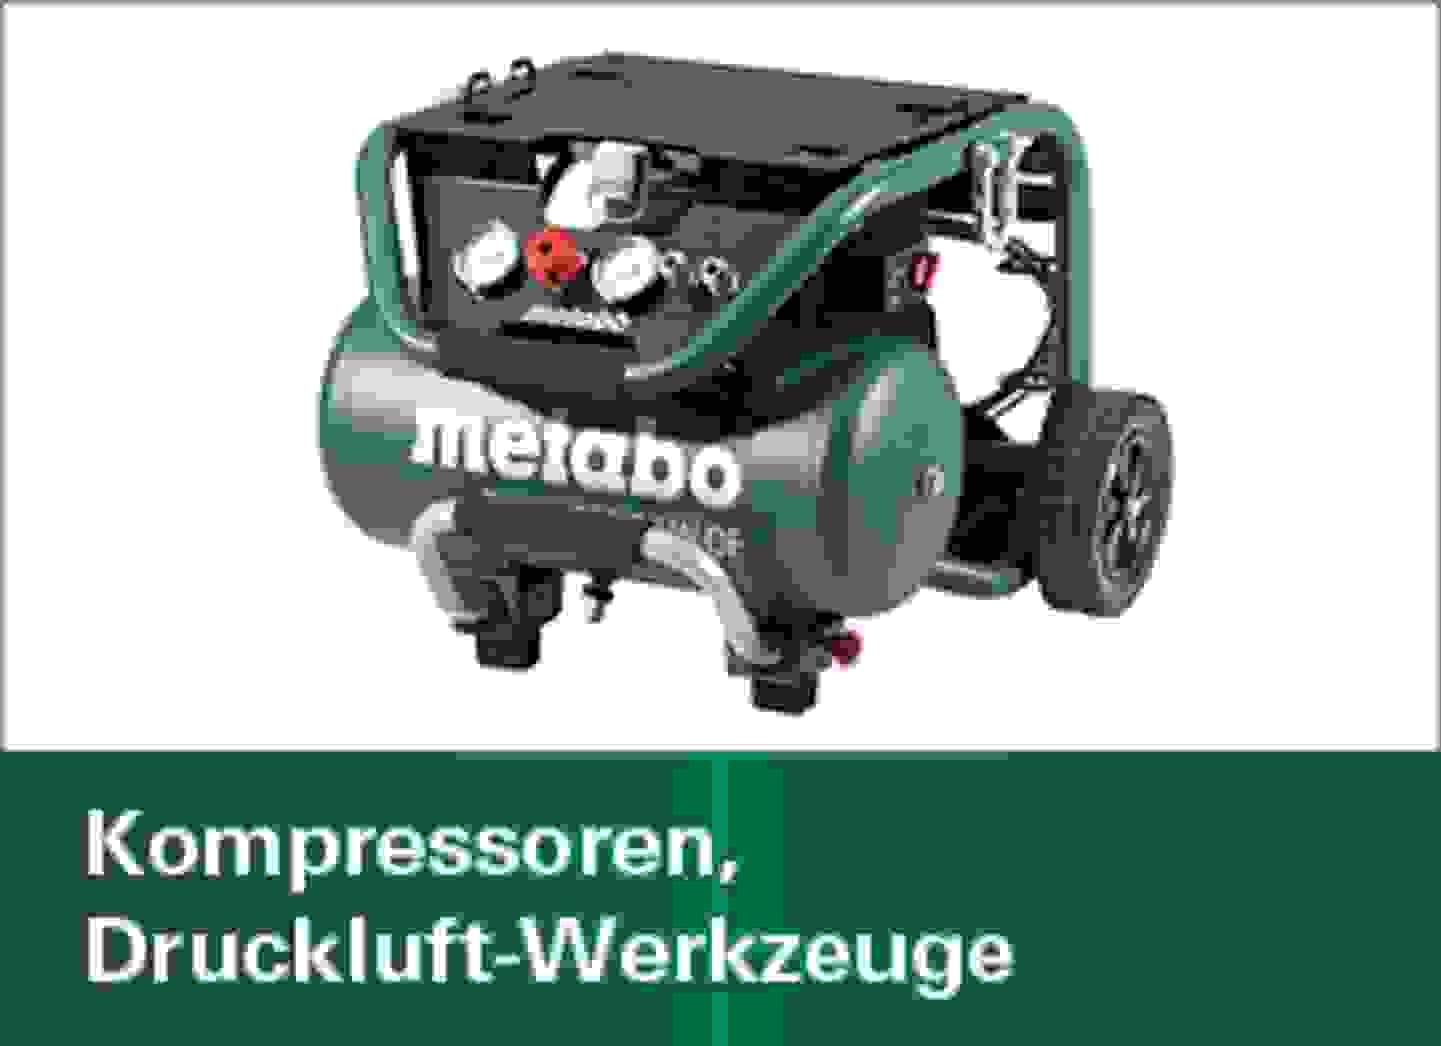 Kompressoren, Druckluft-Werkzeuge